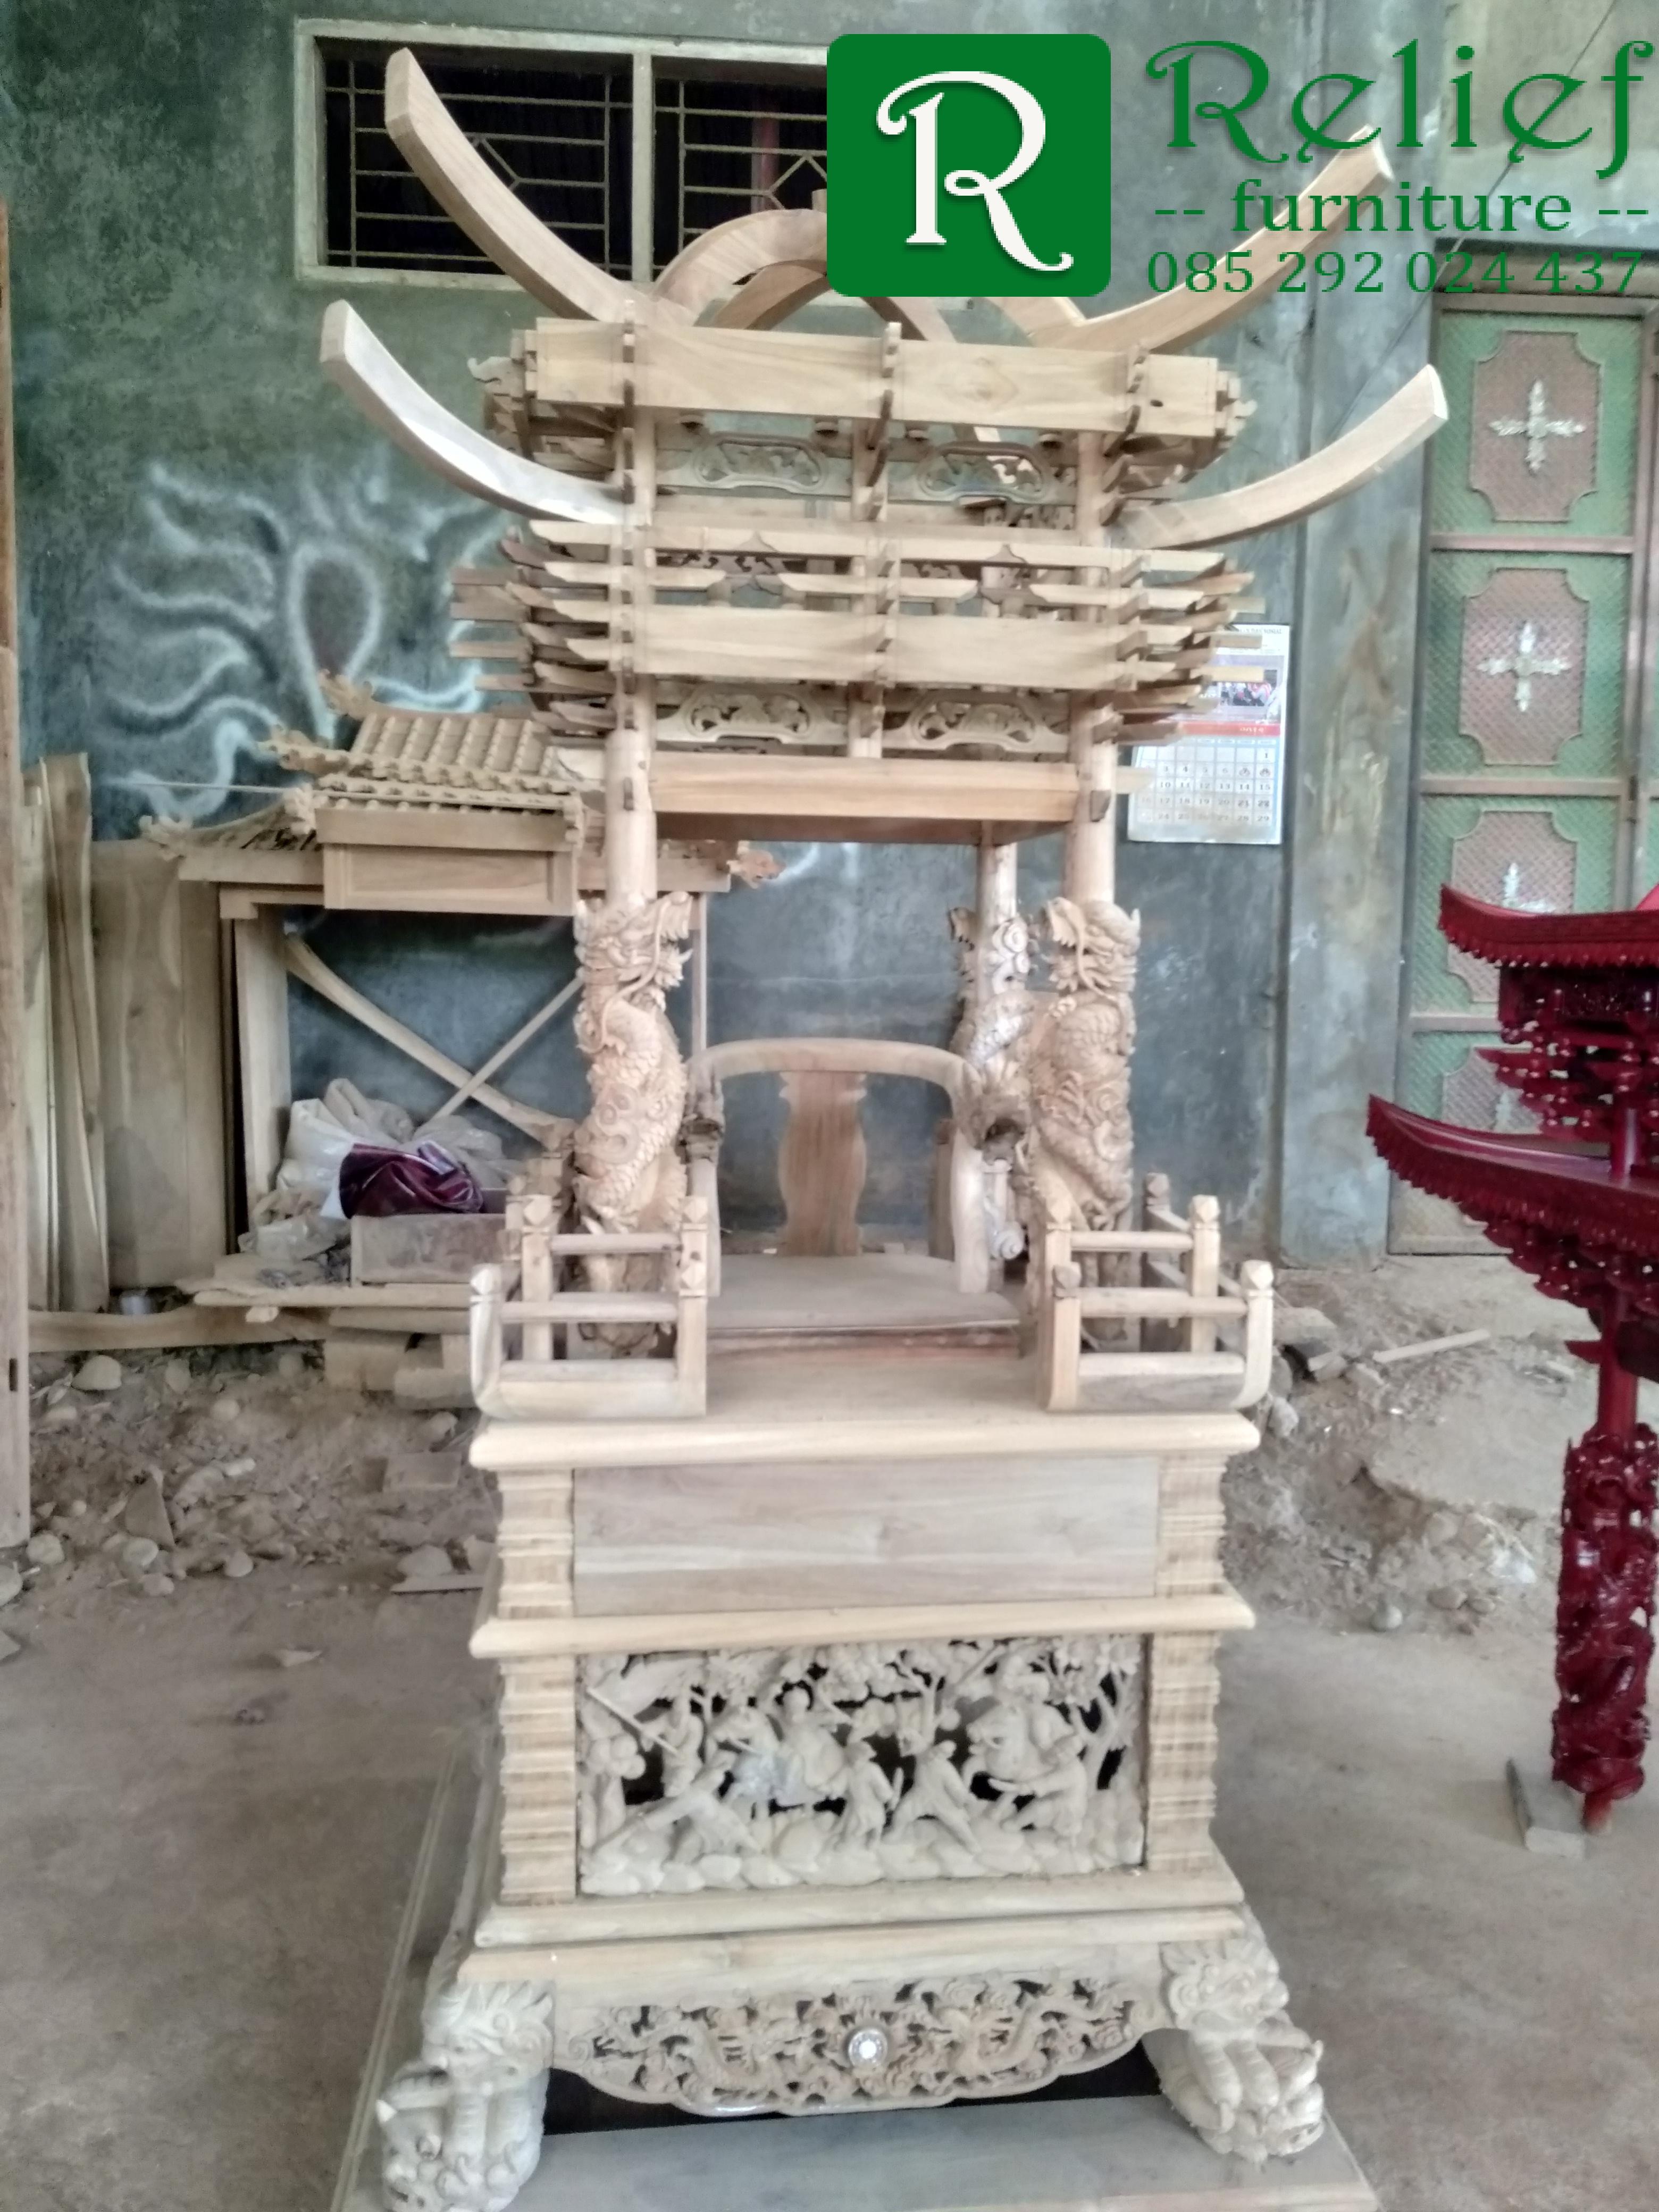 meja joli meja altar tempat sembahyang,meja altar,meja joli,meja semnahyang,meja sesembahan